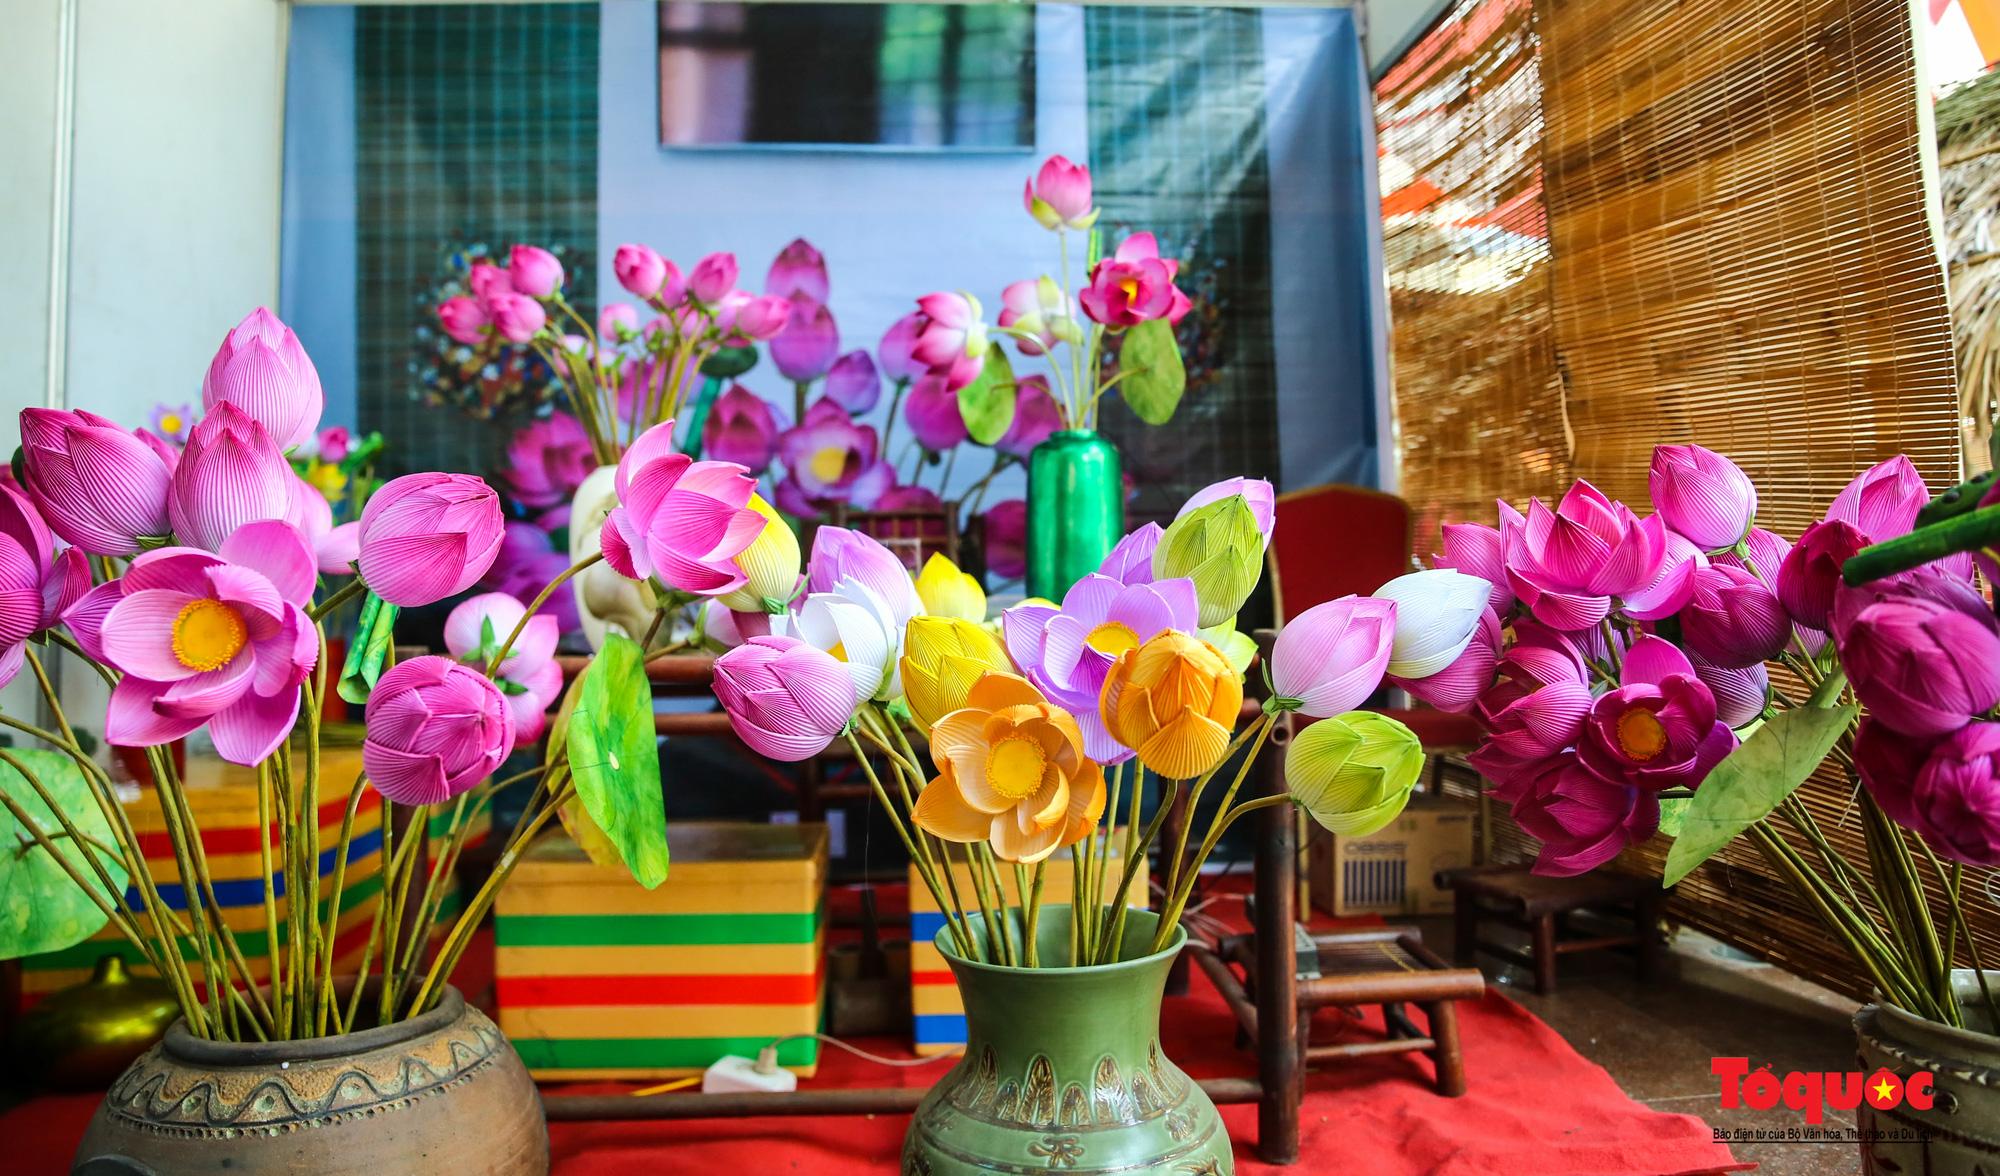 Rực rỡ sắc màu hoa Tết tại làng nghề hoa giấy hơn 300 tuổi - Ảnh 8.